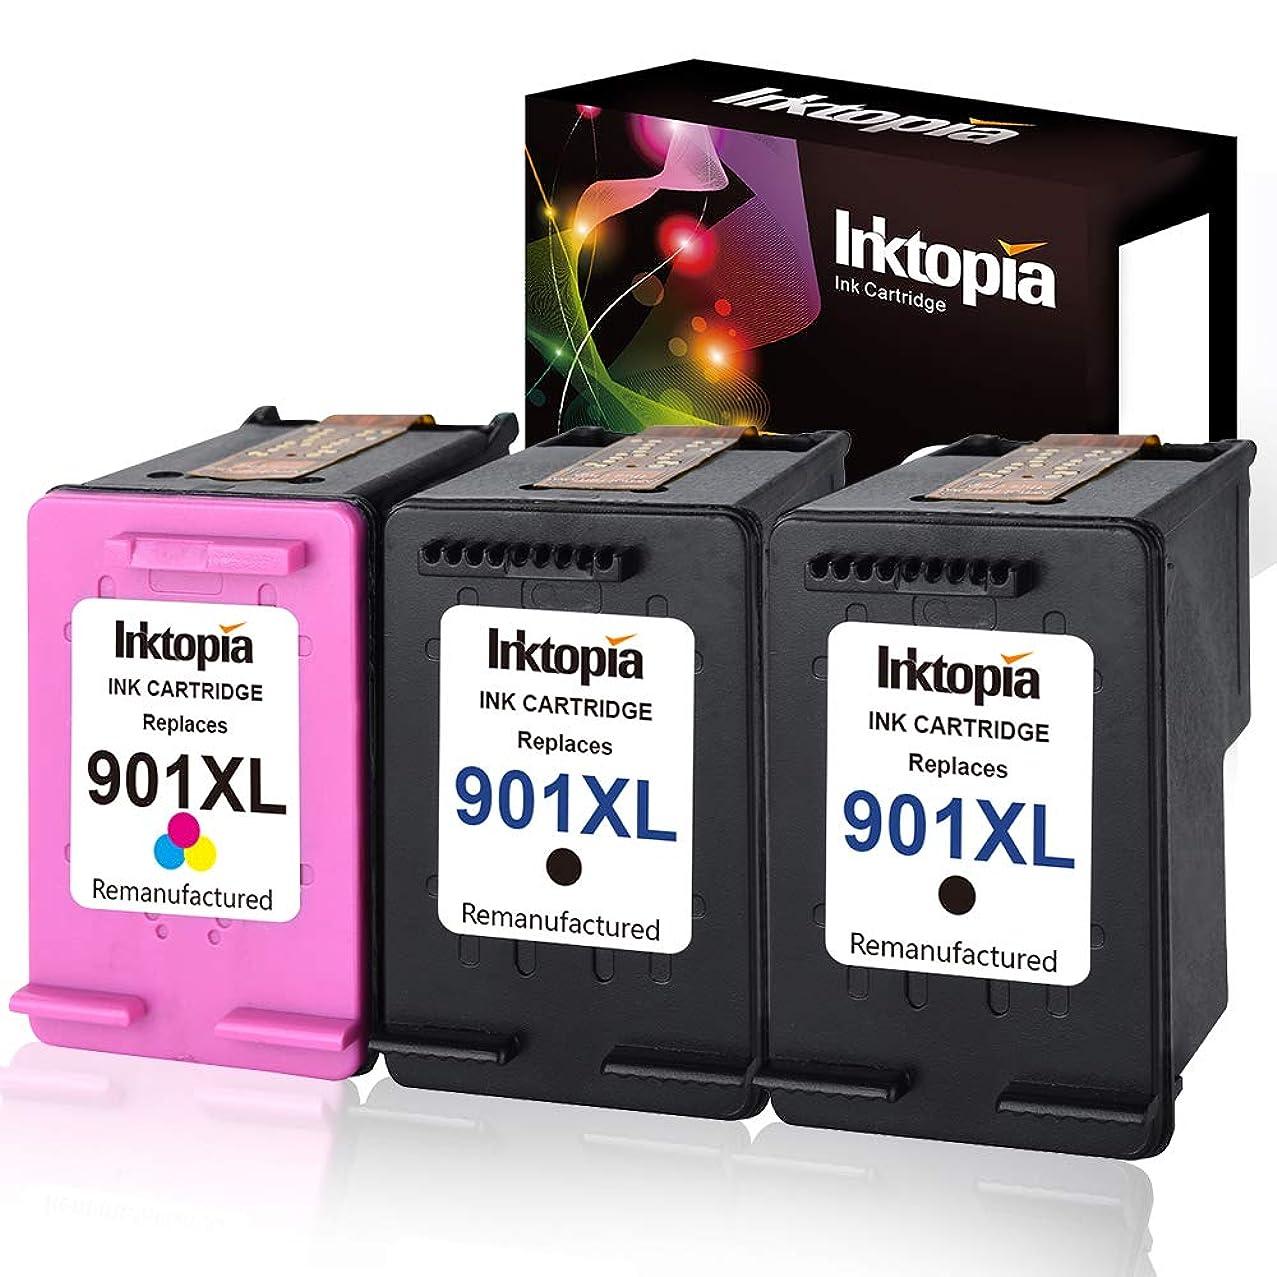 Inktopia Remanufactured Ink Cartridges for Hp 901XL 901 XL (2 Black, 1 Color) Use with HP Officejet 4500 J4500 J4524 J4540 J4550 J4580 J4624 J4640 J4660 J4680 J4680C Printer Ink Level Display